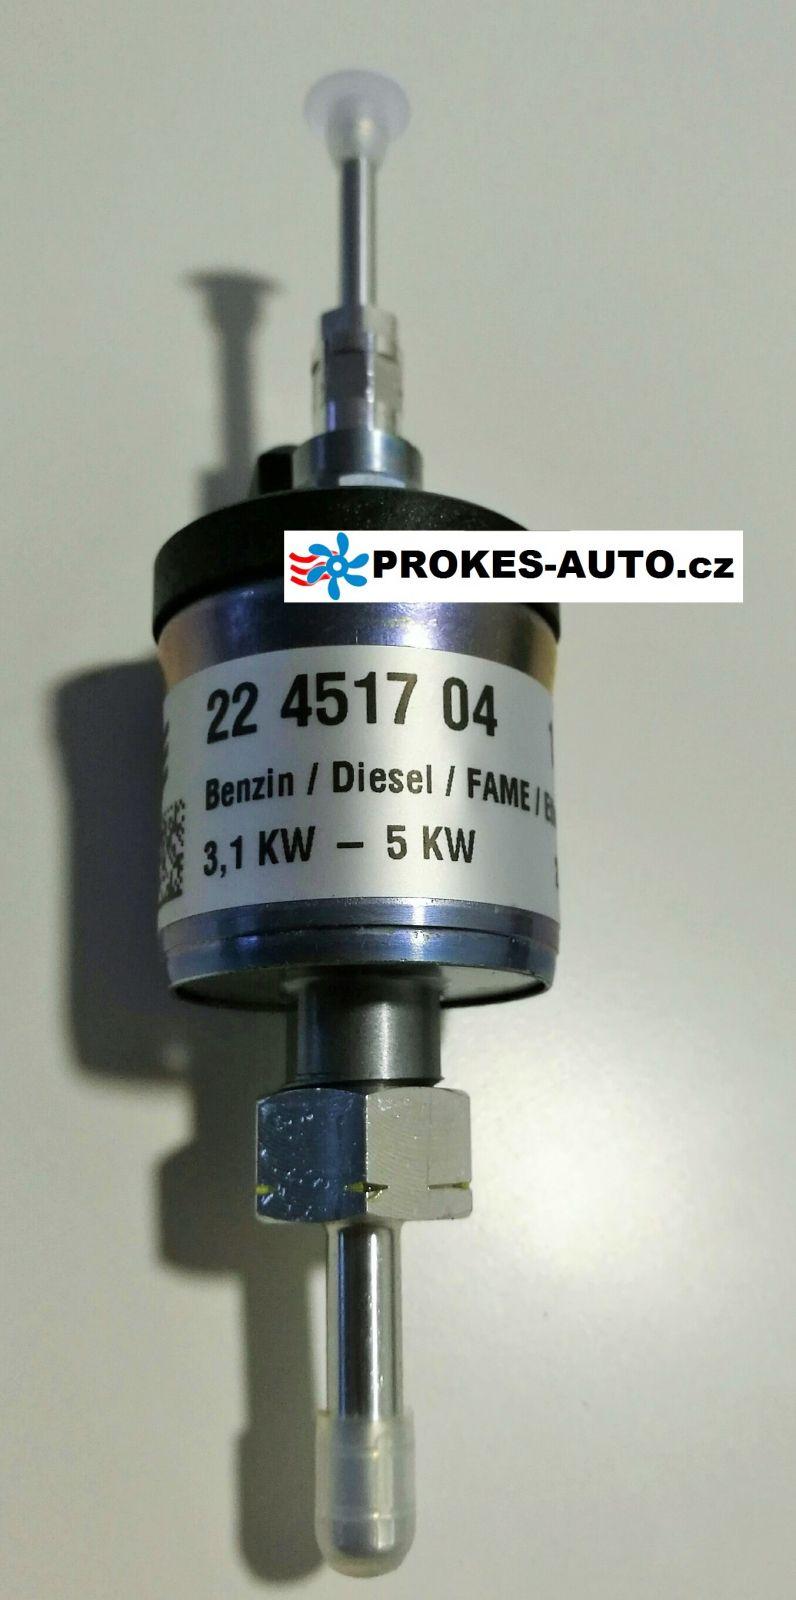 Eberspacher Kraftstoffpumpe 12V 3,1-5kW Diesel / Benzin 22451704 Eberspächer